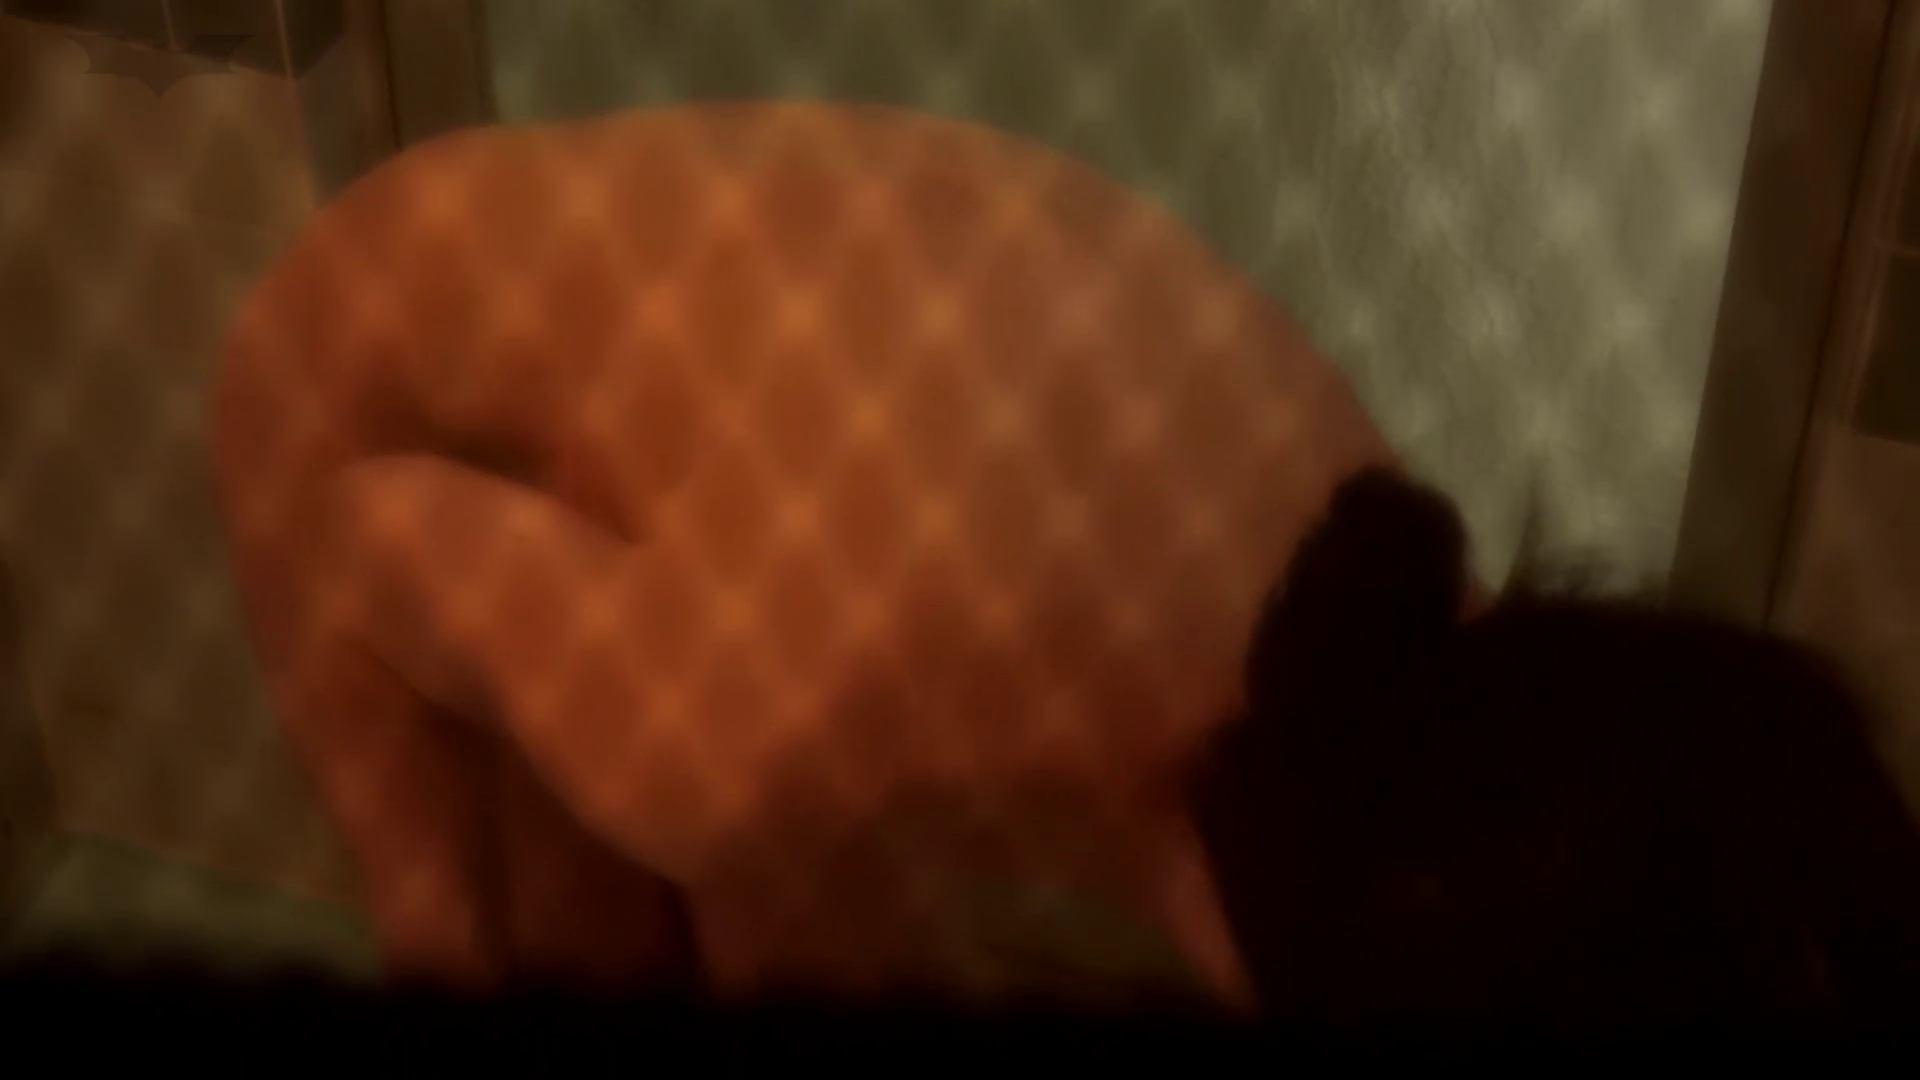 *華の女子寮ノゾキ* vol.04 陸上系?就活中のお女市さんJD 細身体型 濡れ場動画紹介 89枚 73